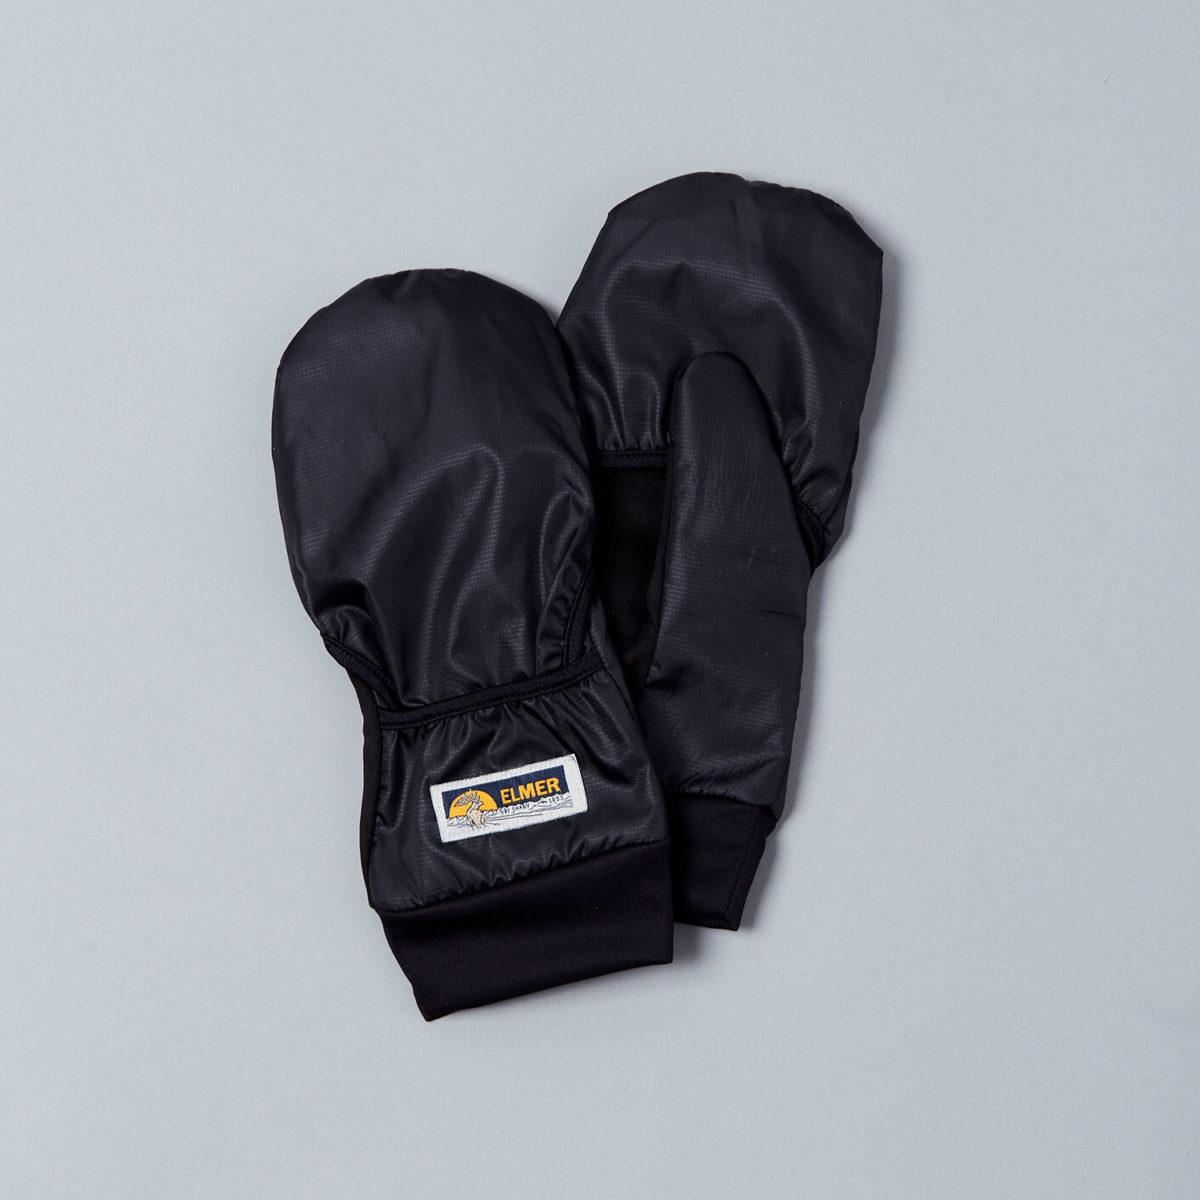 5-fingershandskar med hoodie och konduktiv yta för touchskärmar